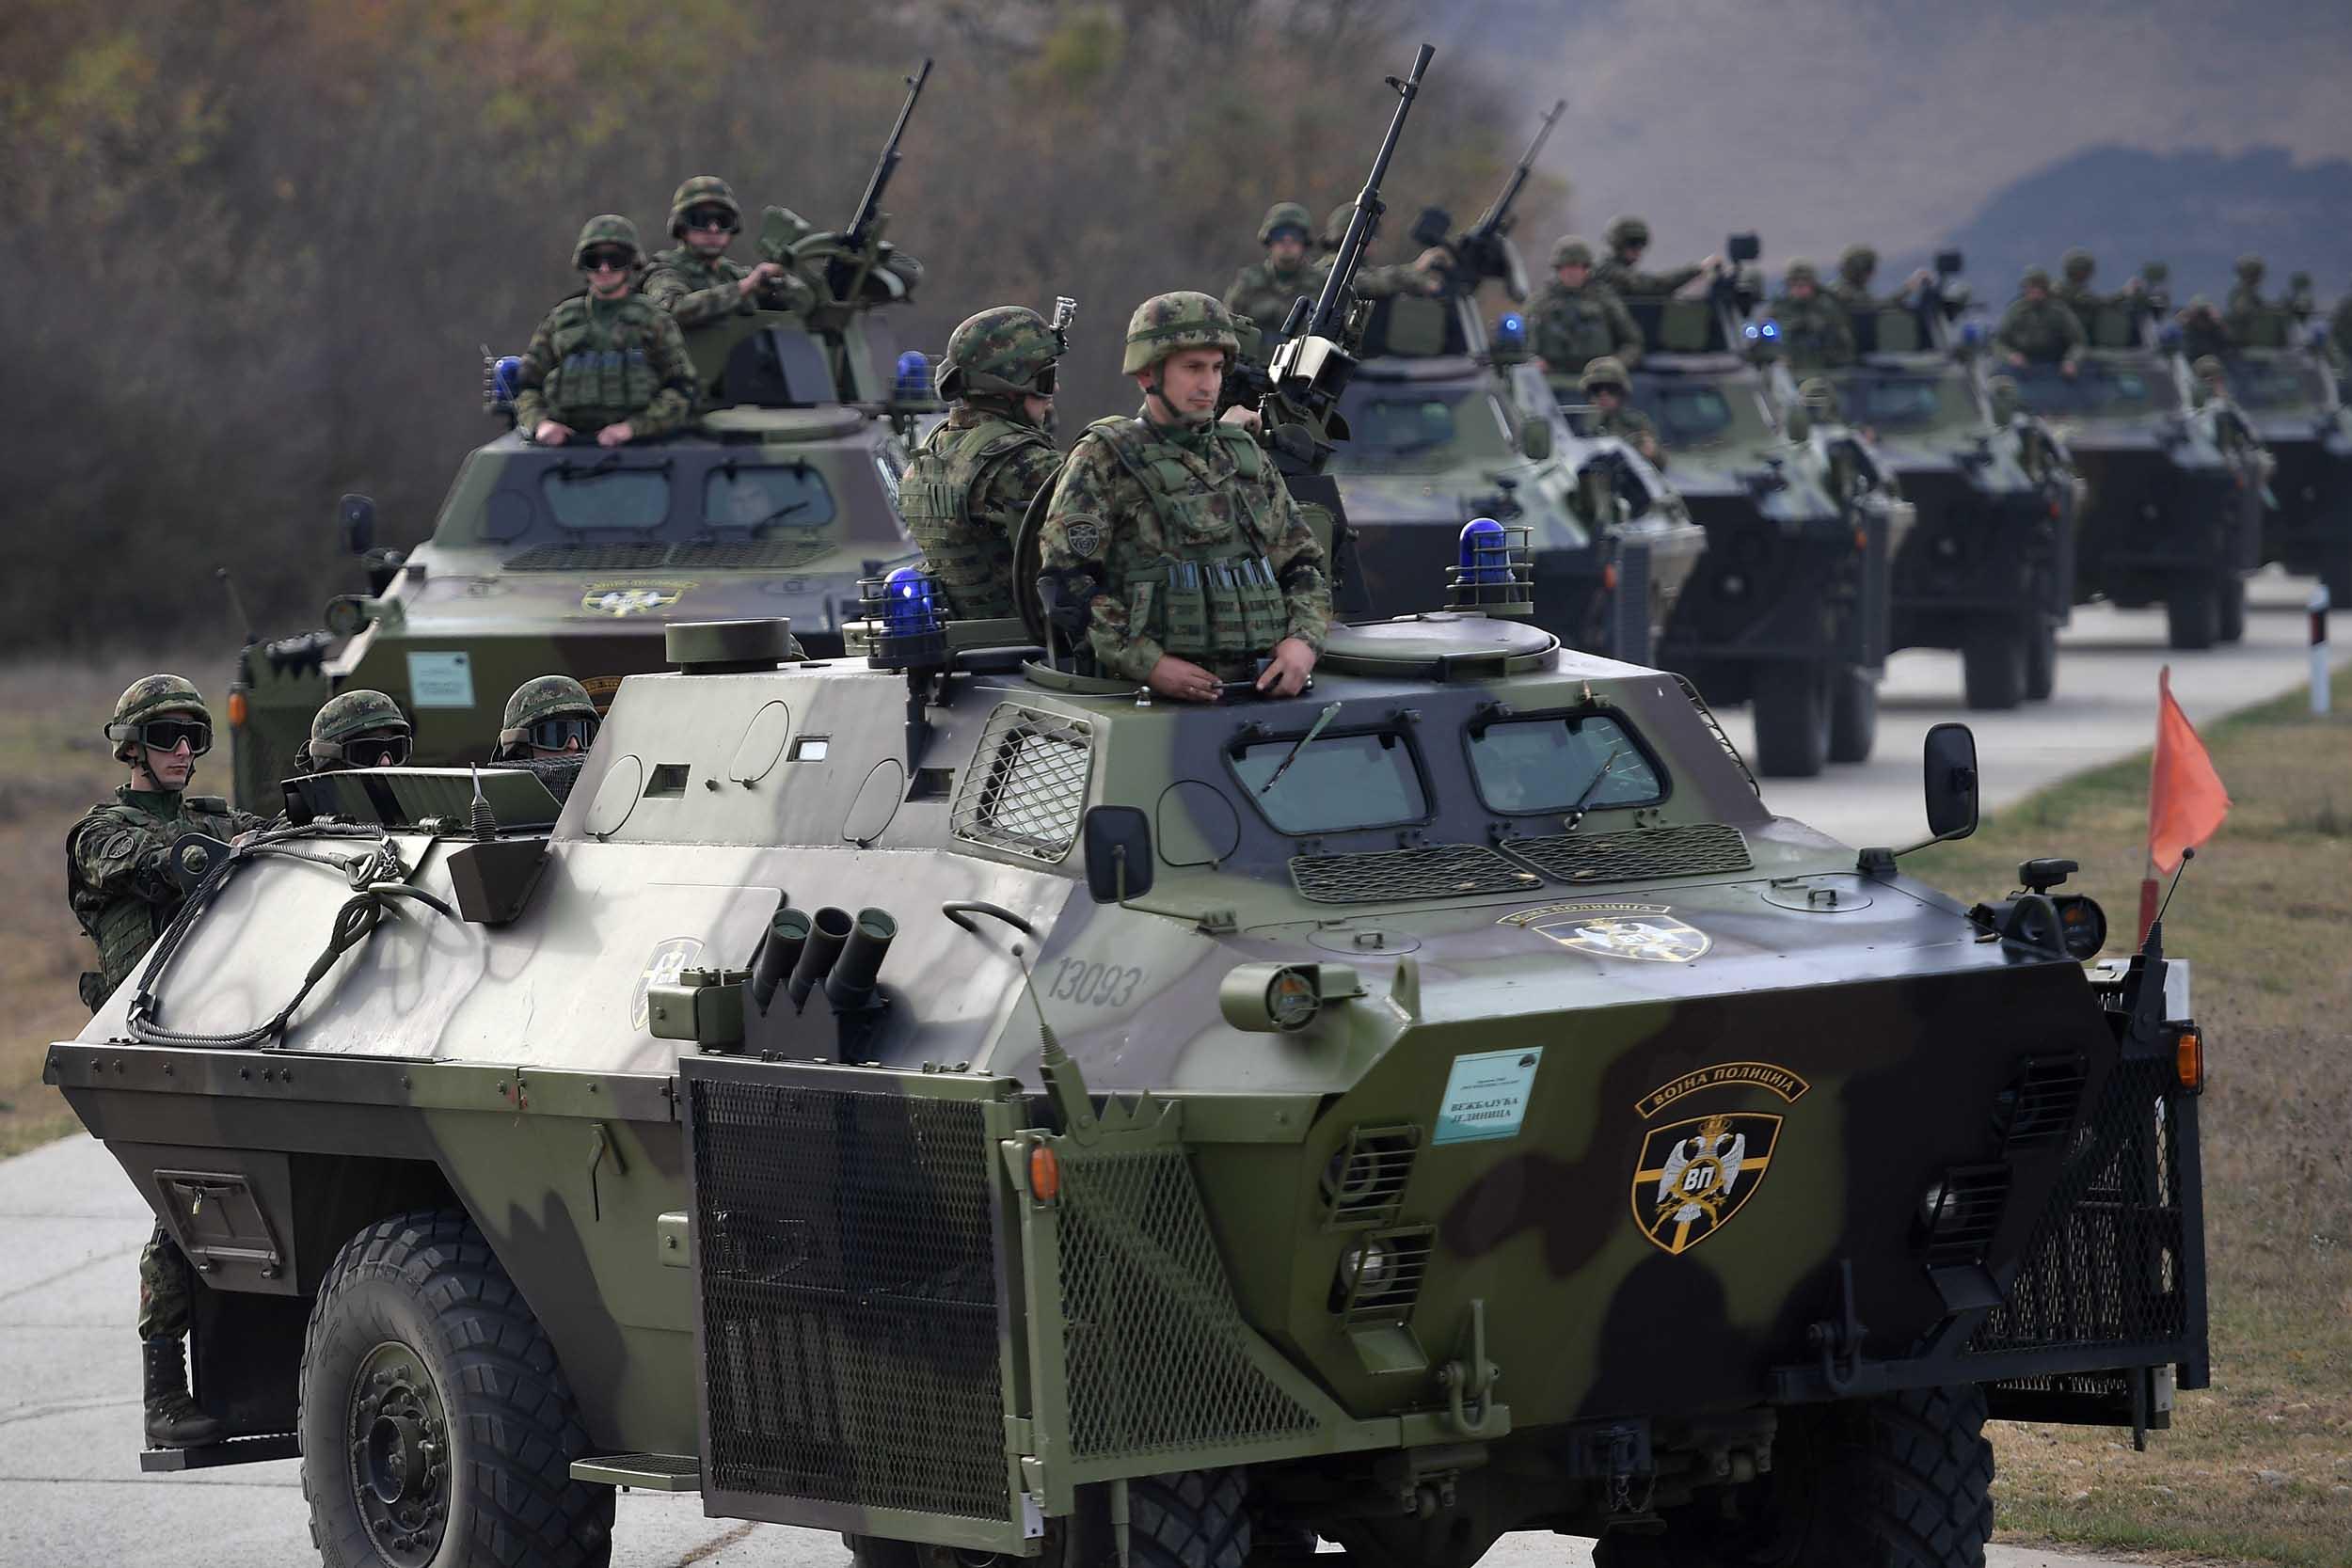 """Провера припремљености 5. батаљона Војне полиције за вежбу """"Век победника 1918-2018"""""""